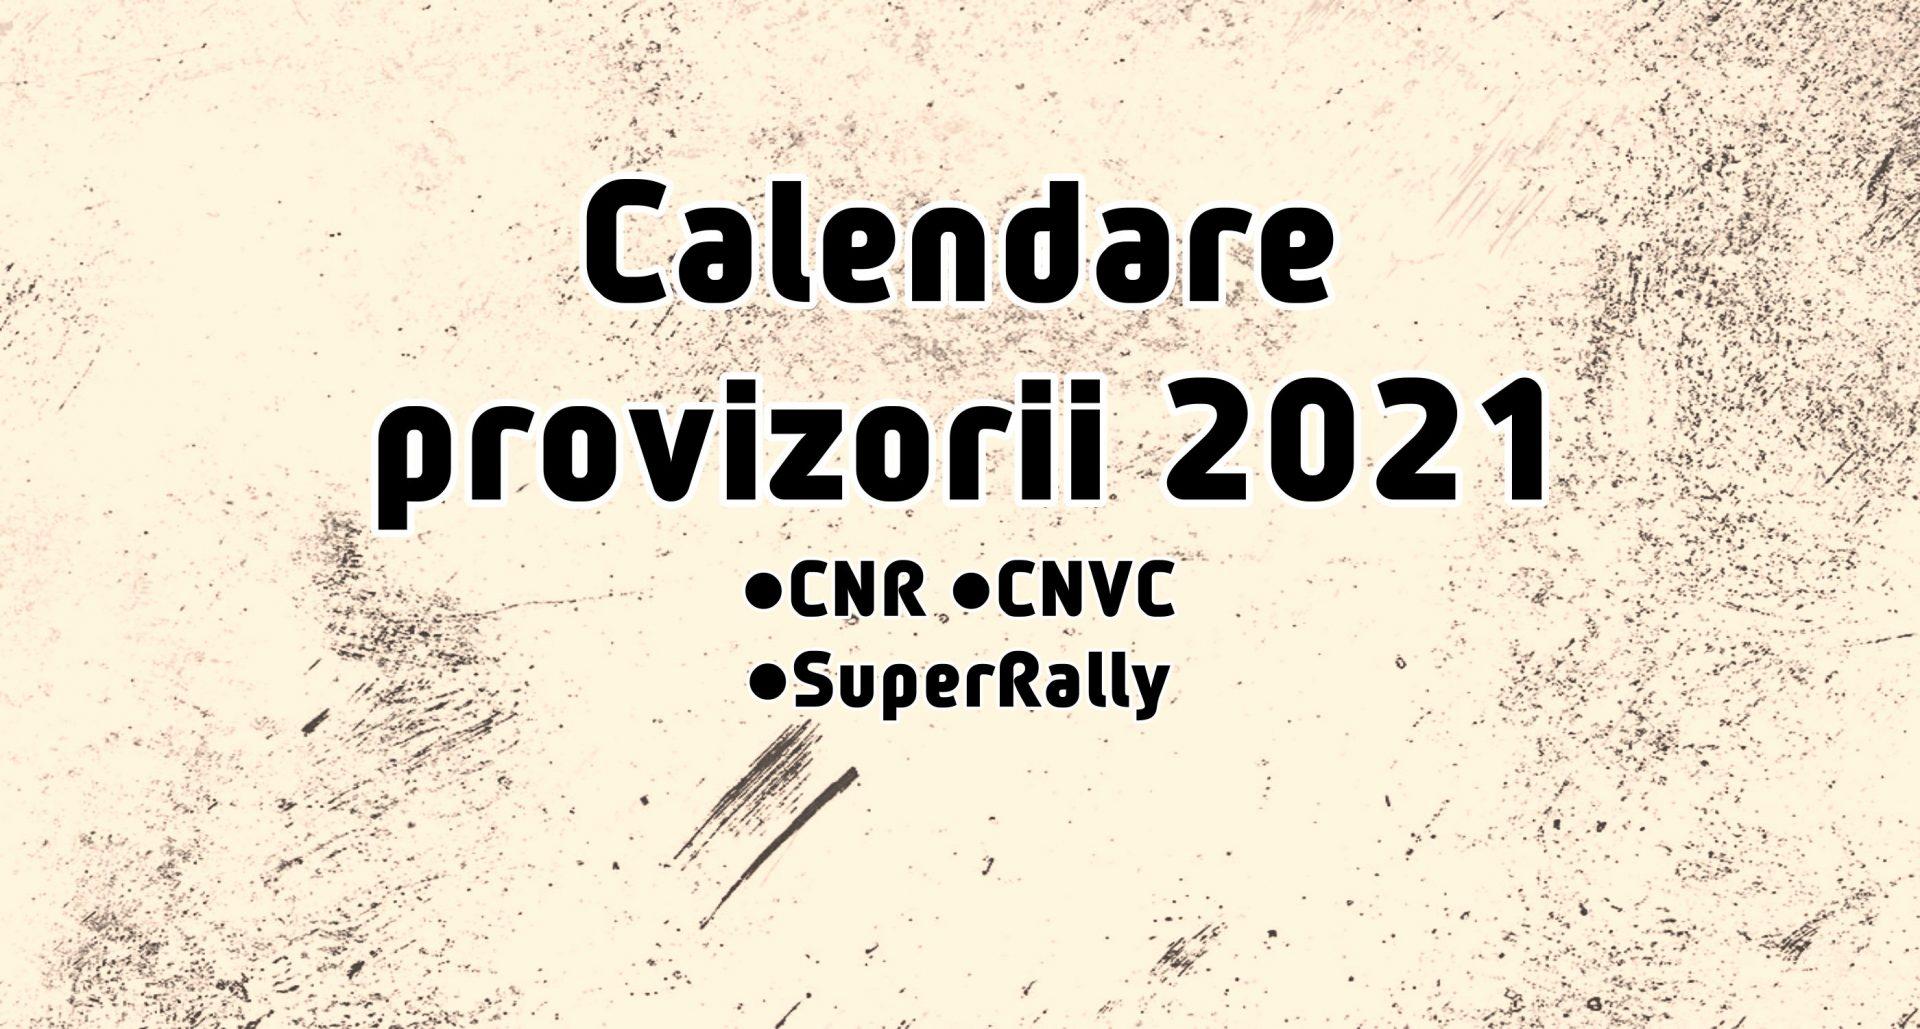 Calendare provizorii 2021: 11 etape pentru CNR, 8 pentru CNVC, 6 pentru SuperRally